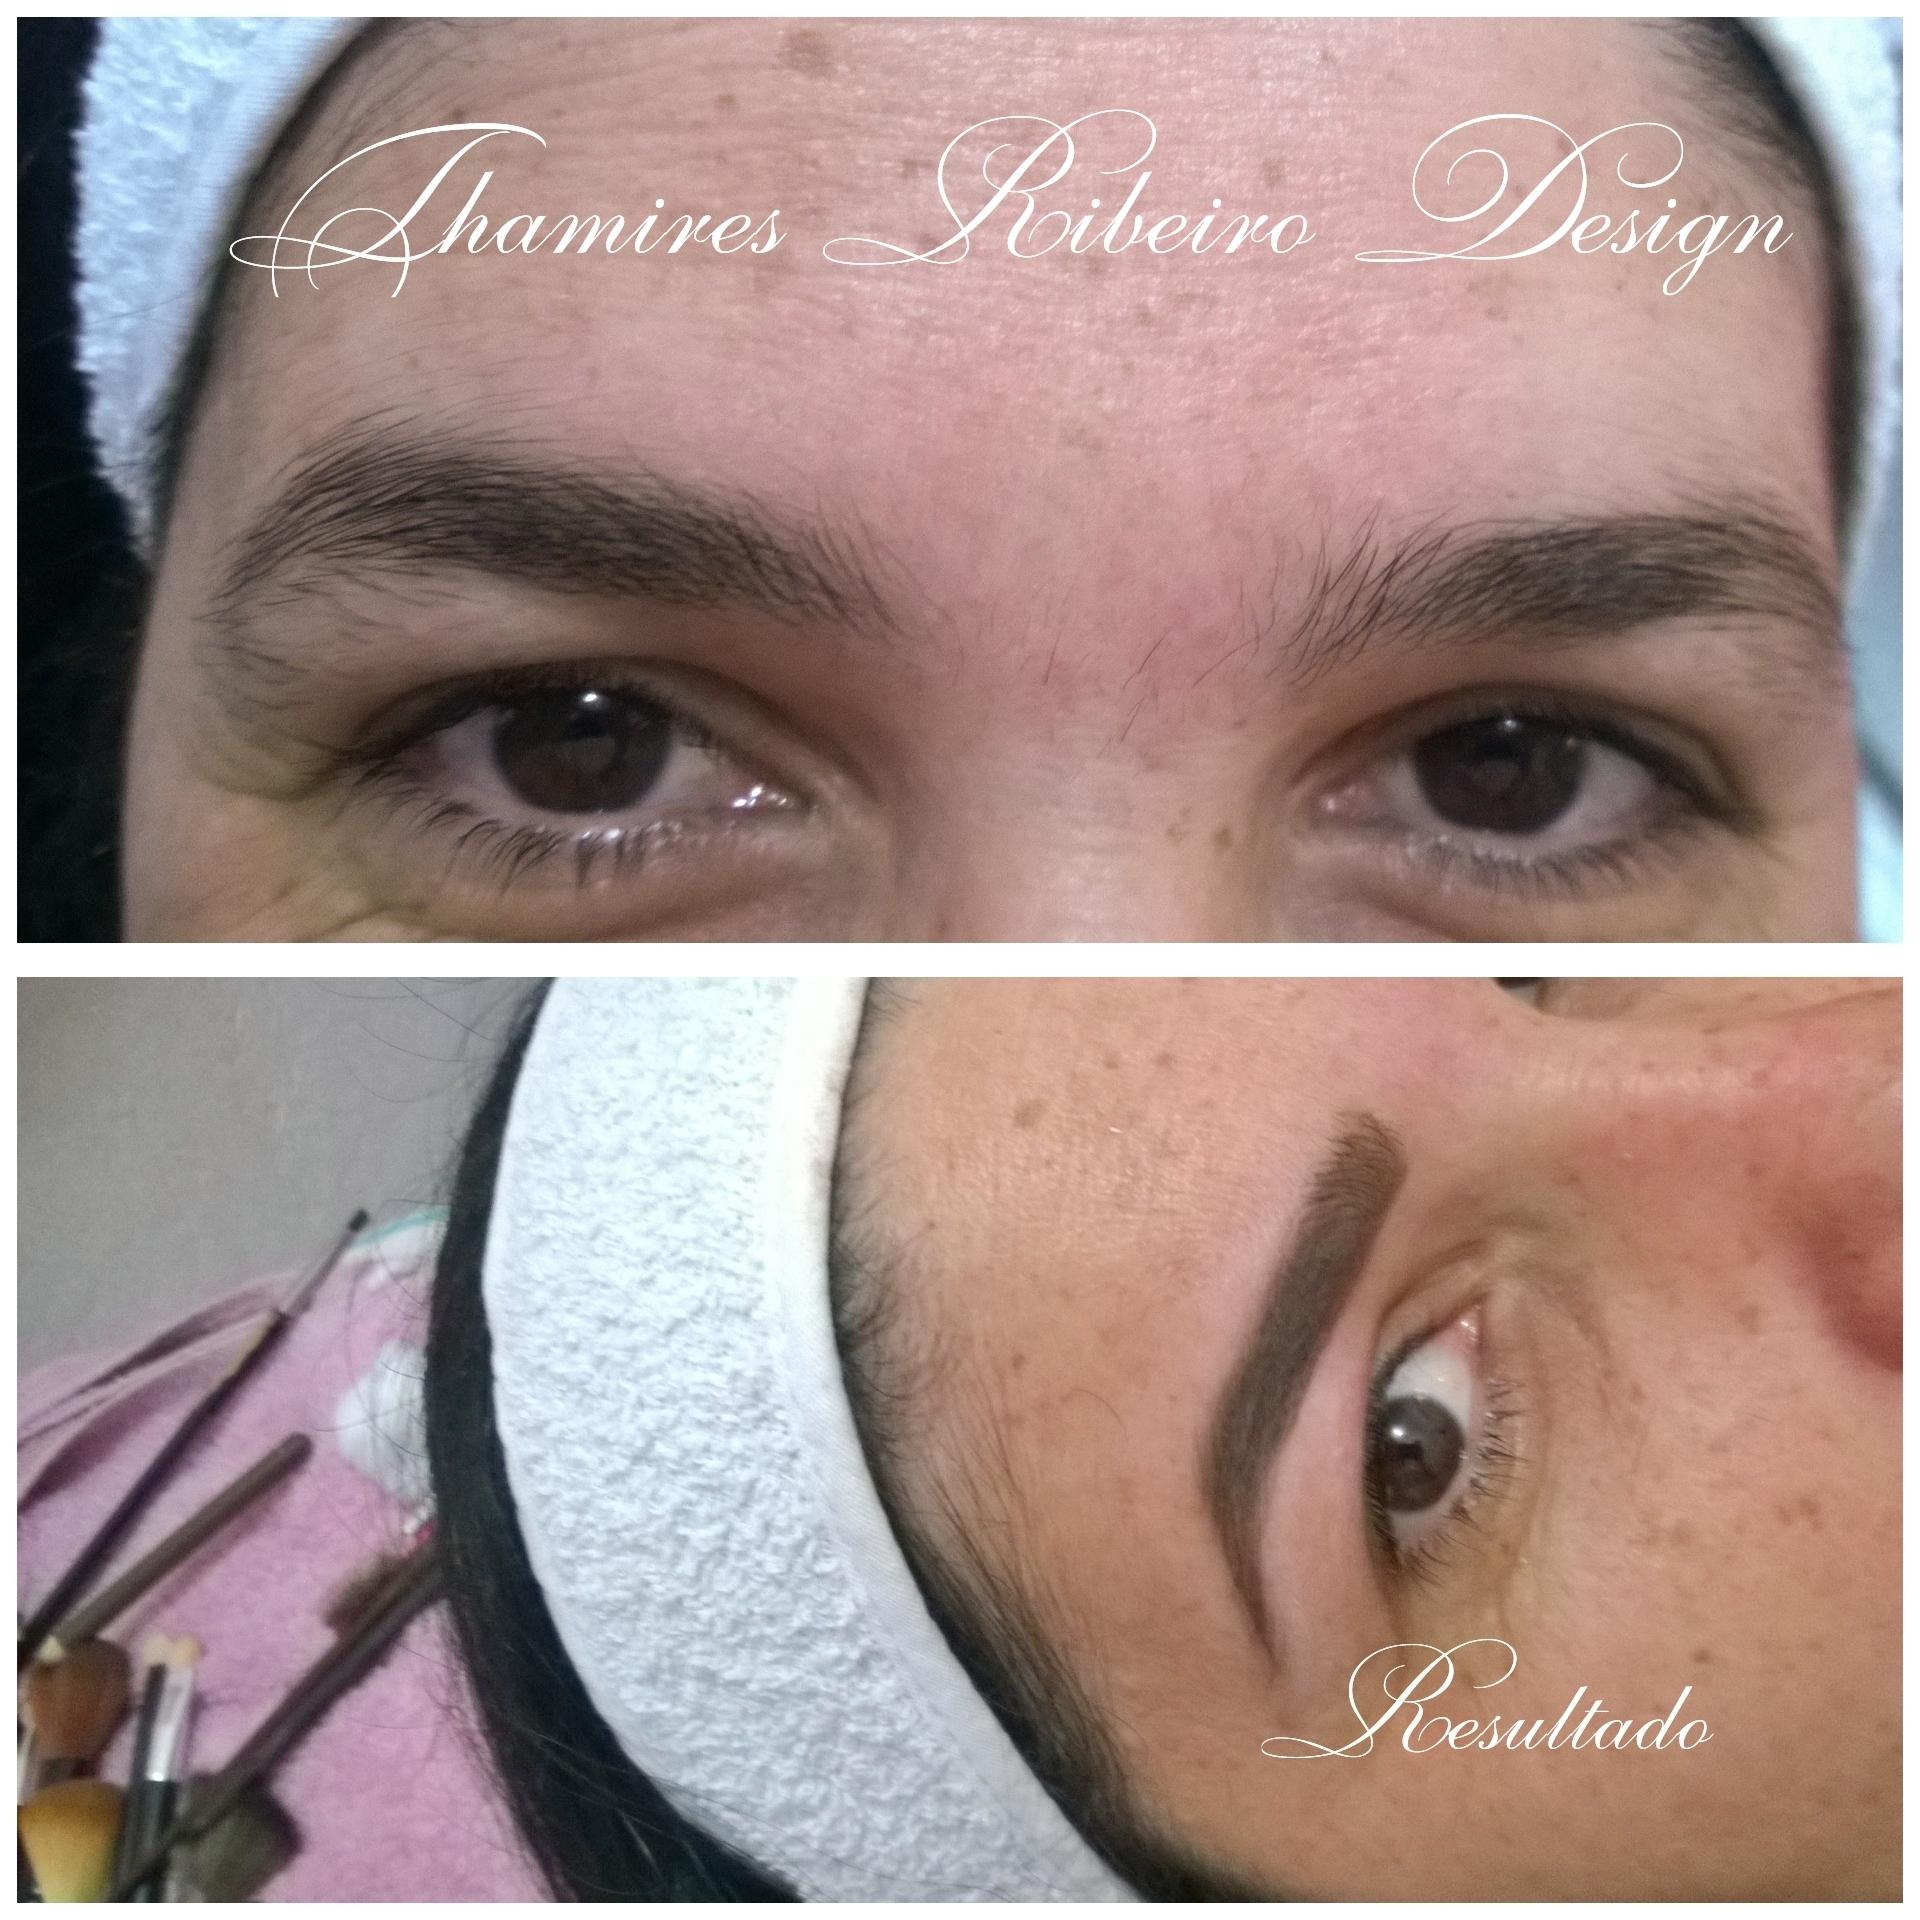 #Designdesobrancelhas #correção de falhas #camuflagem com $Maquiagem para sobrancelhas #linda ♡ estética manicure e pedicure designer de sobrancelhas